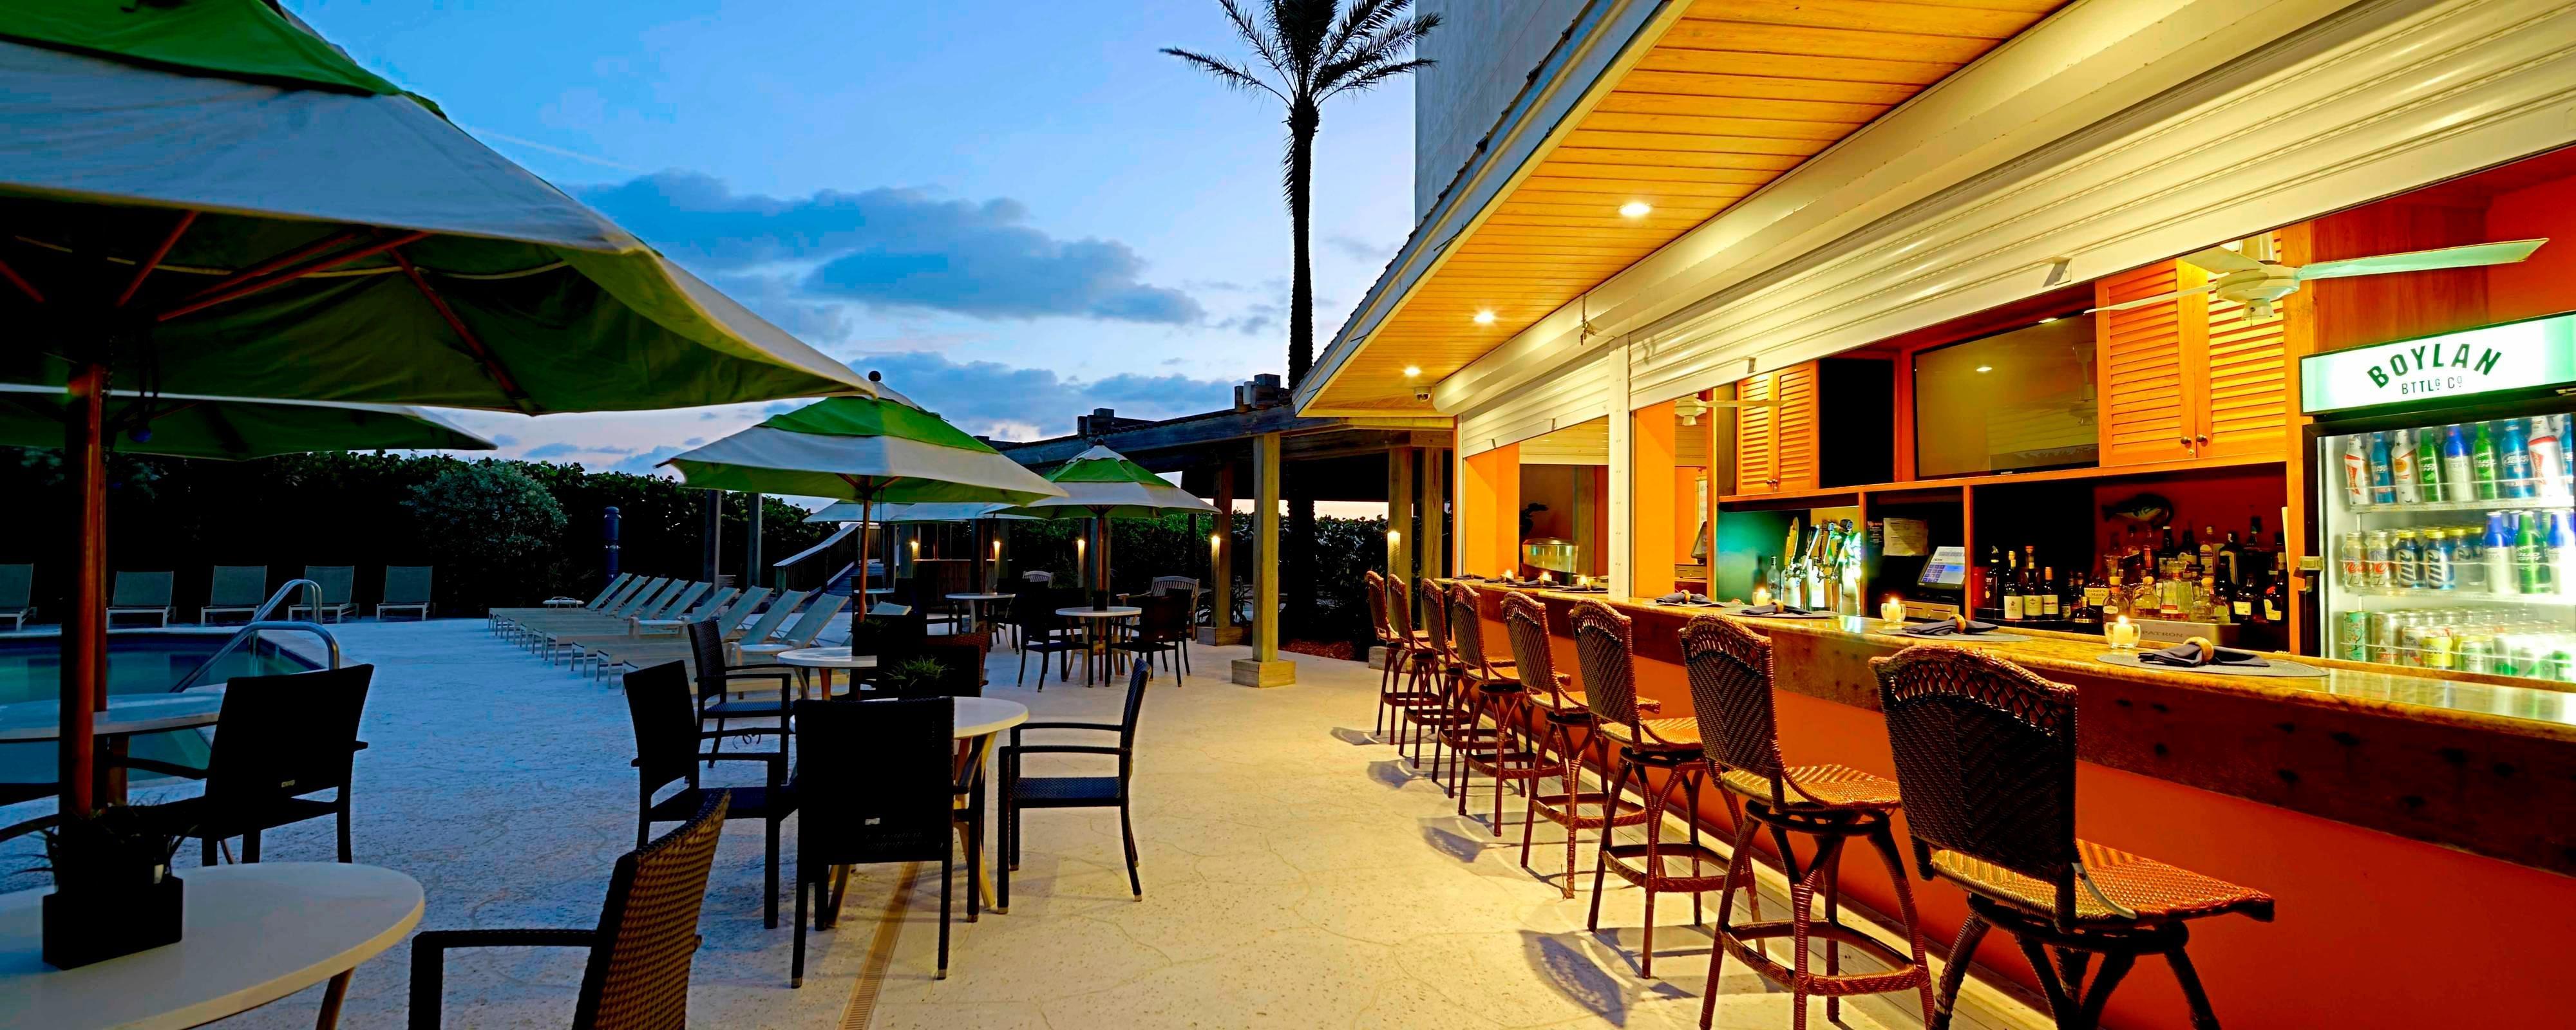 Dining Jensen Beach Restaurants Courtyard Hutchinson Island